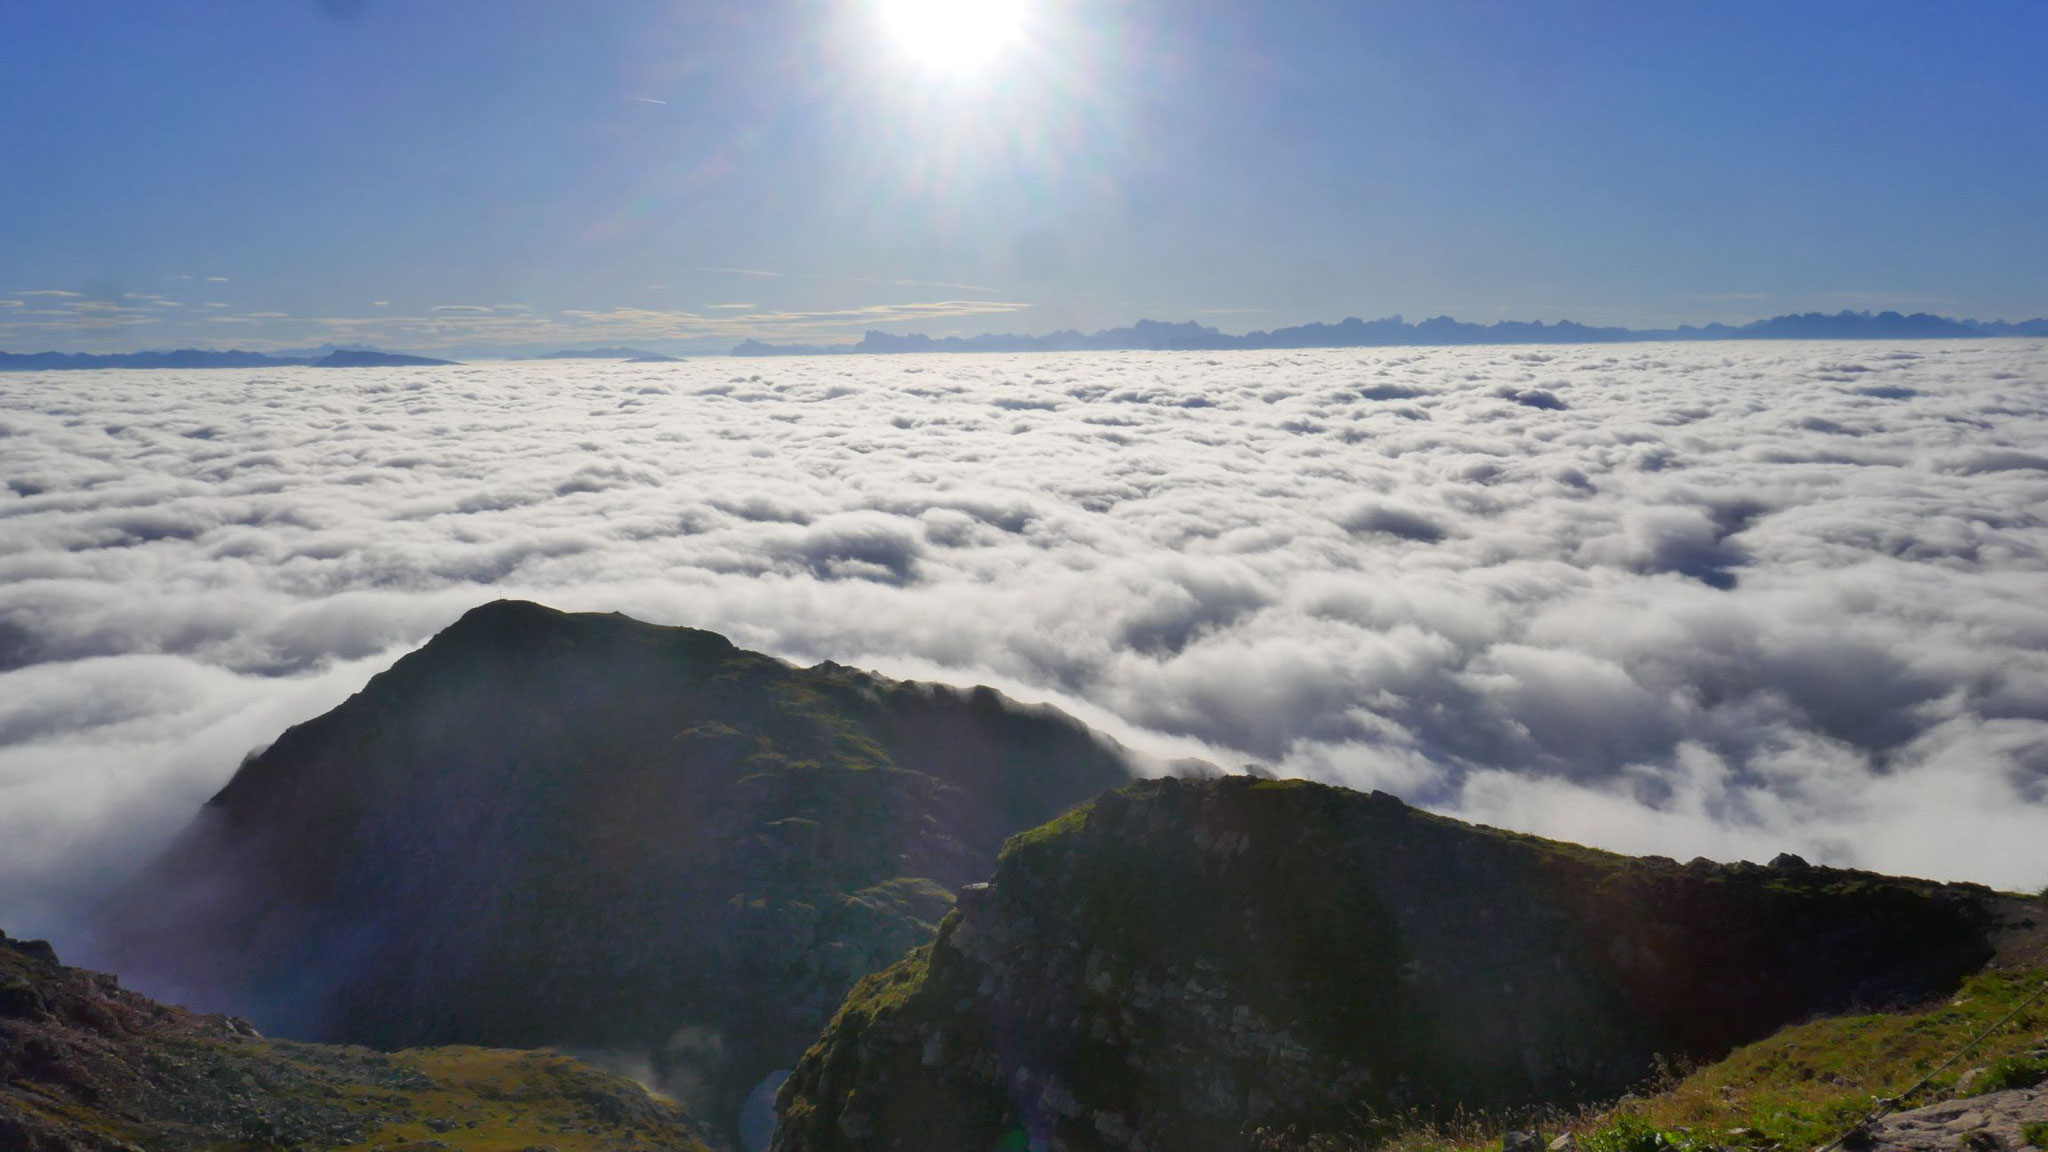 Am östlichen Horizont die Dolomiten